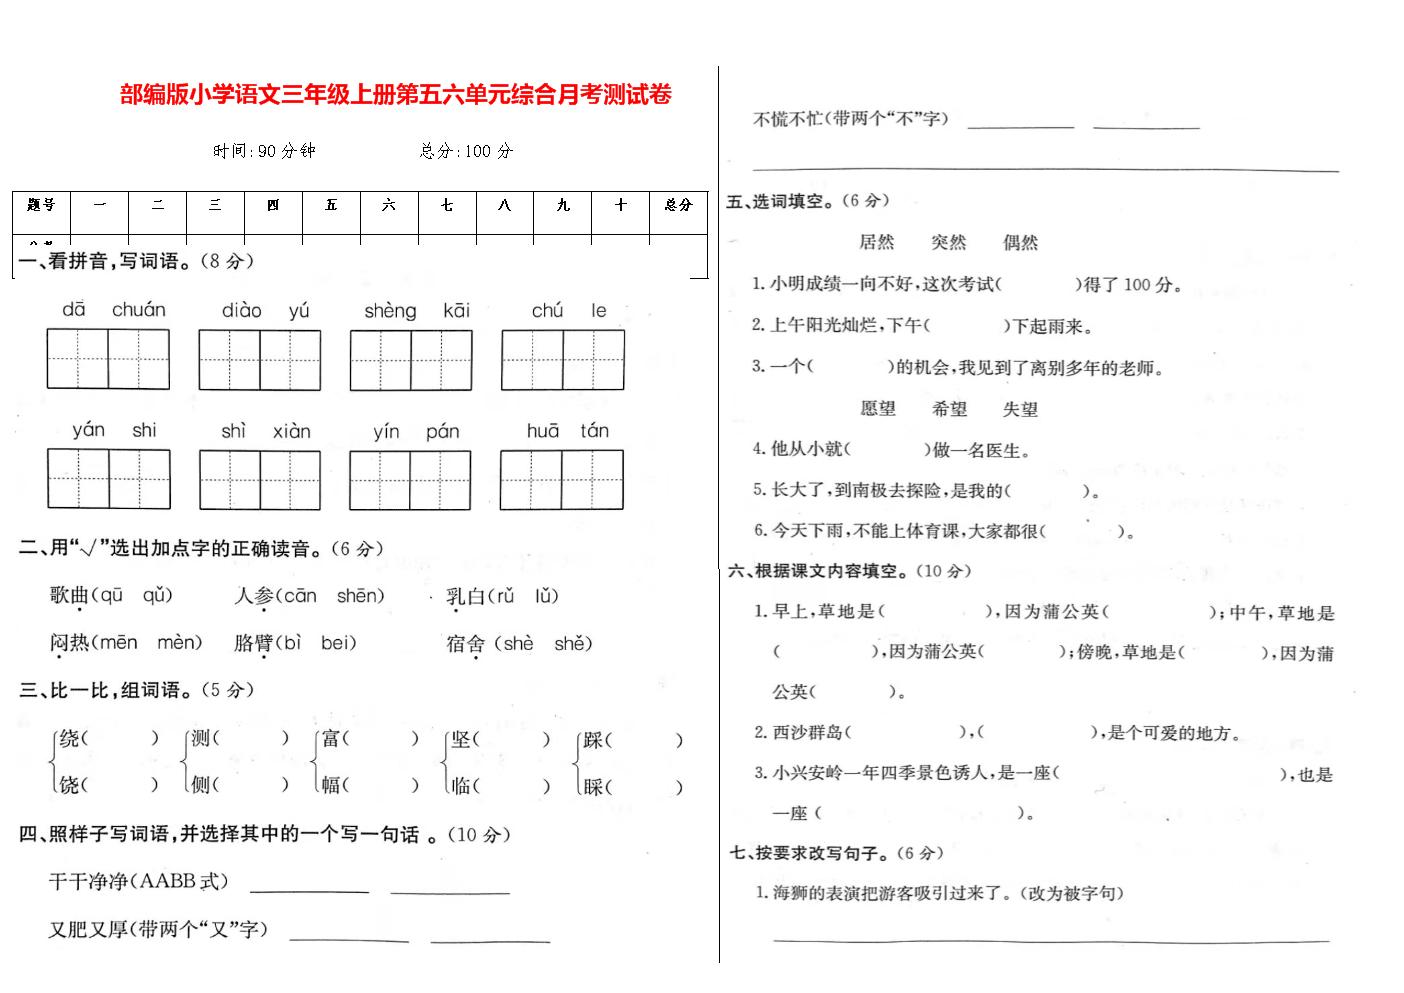 新部编版小学语文三年级上册第五六单元综合月考测试卷(附答案).docx